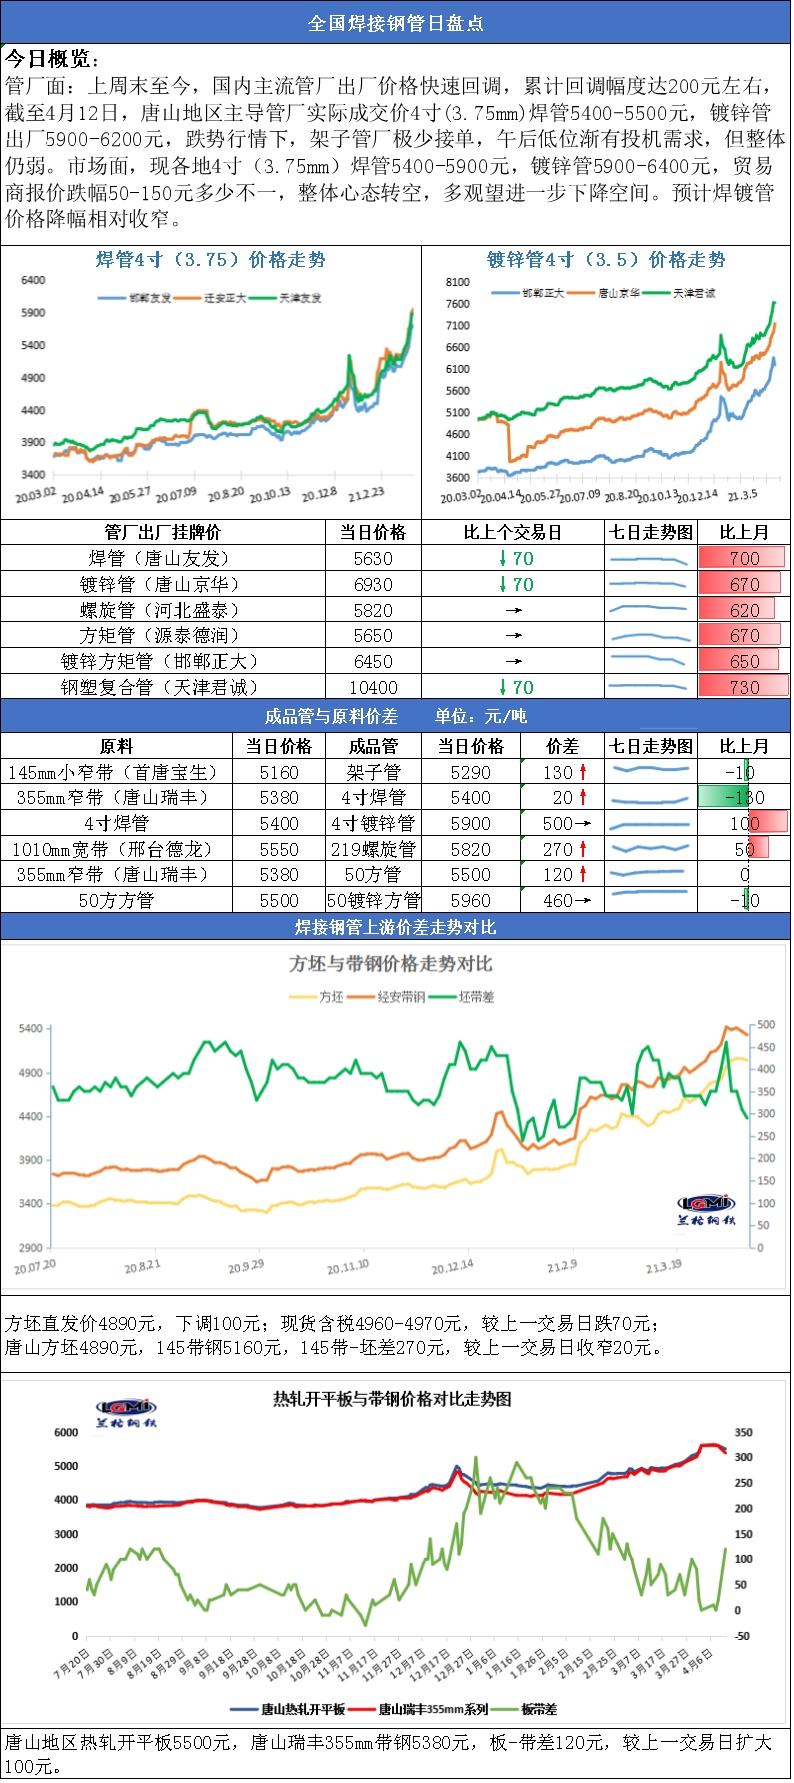 兰格焊接钢管日盘点(4.12): 宏观及基本面阶段转空 焊镀管市场应声下跌